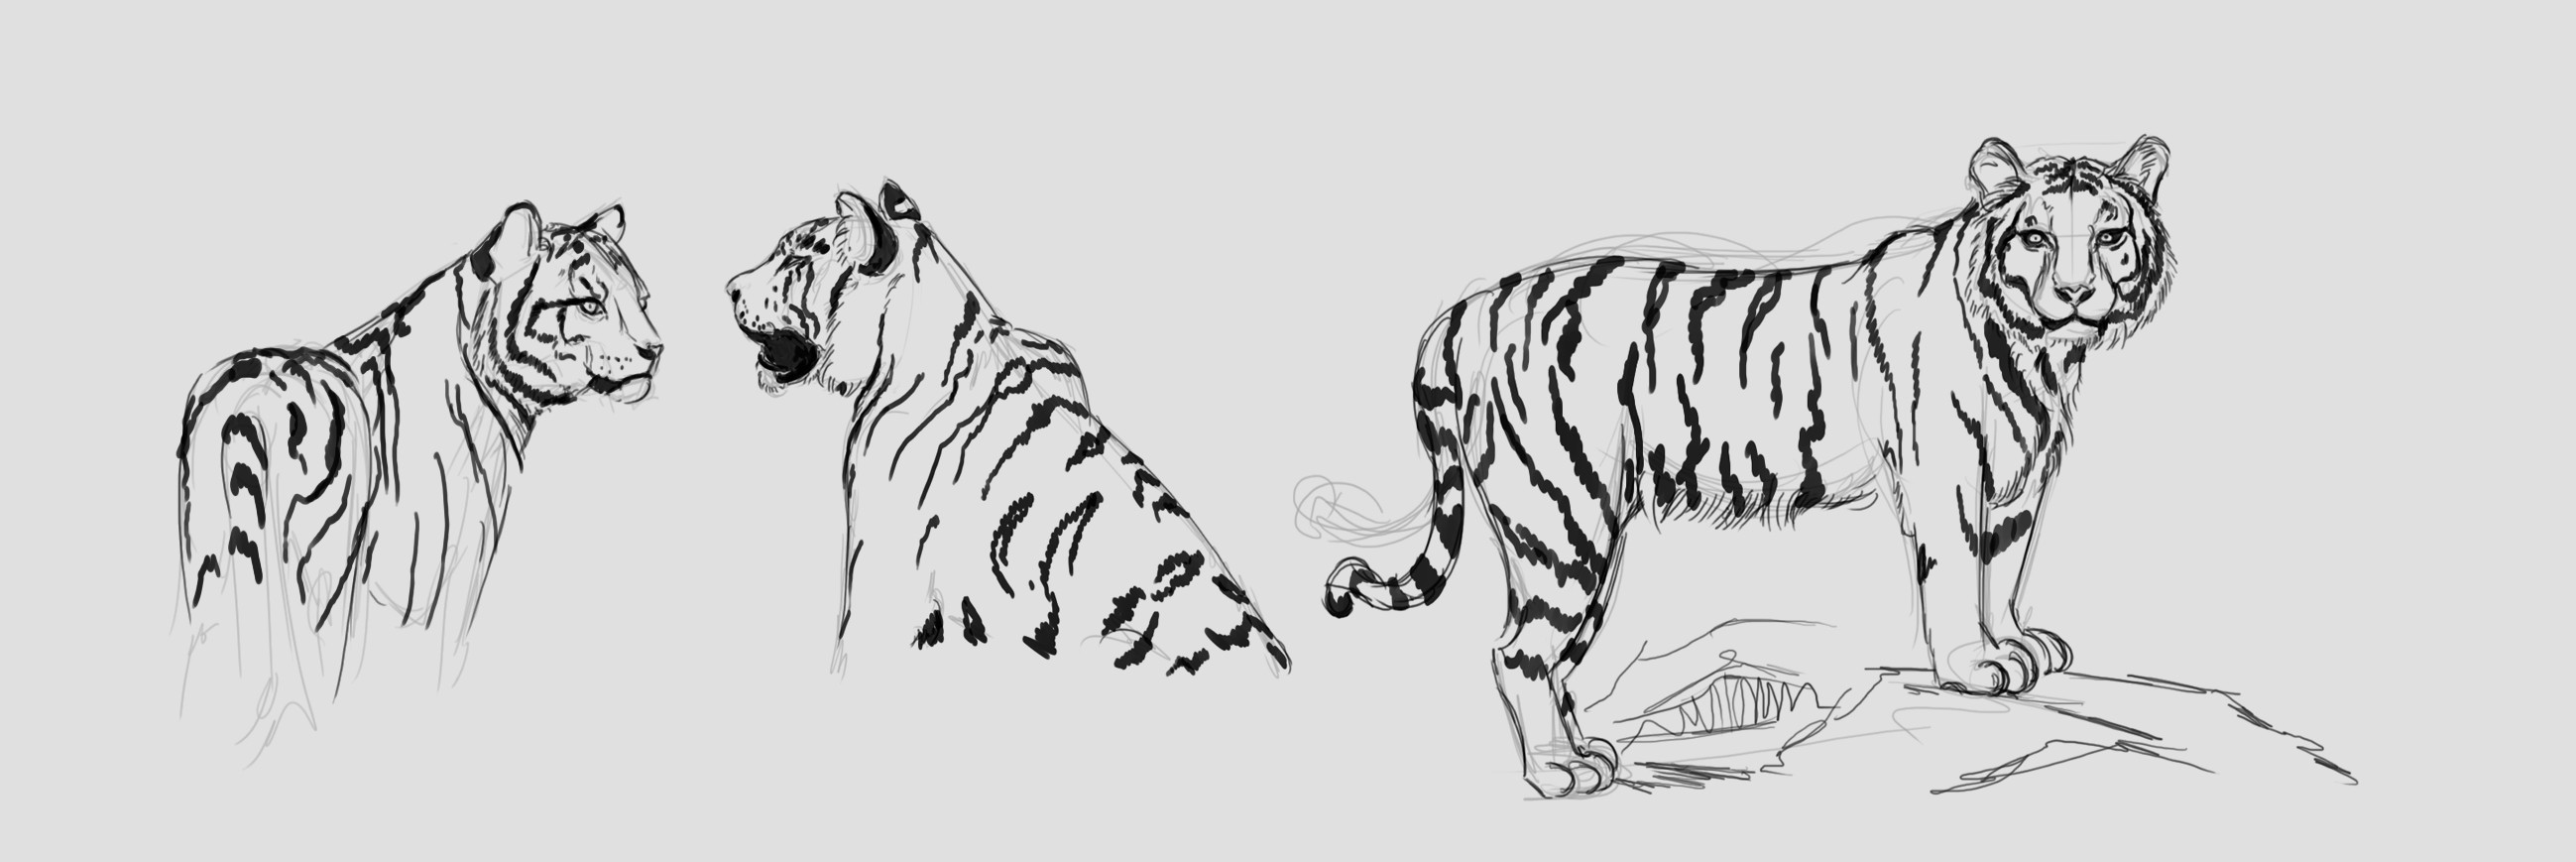 Les gribouilles d'Atna: objectif landscape et persos - Page 21 Tigre-11